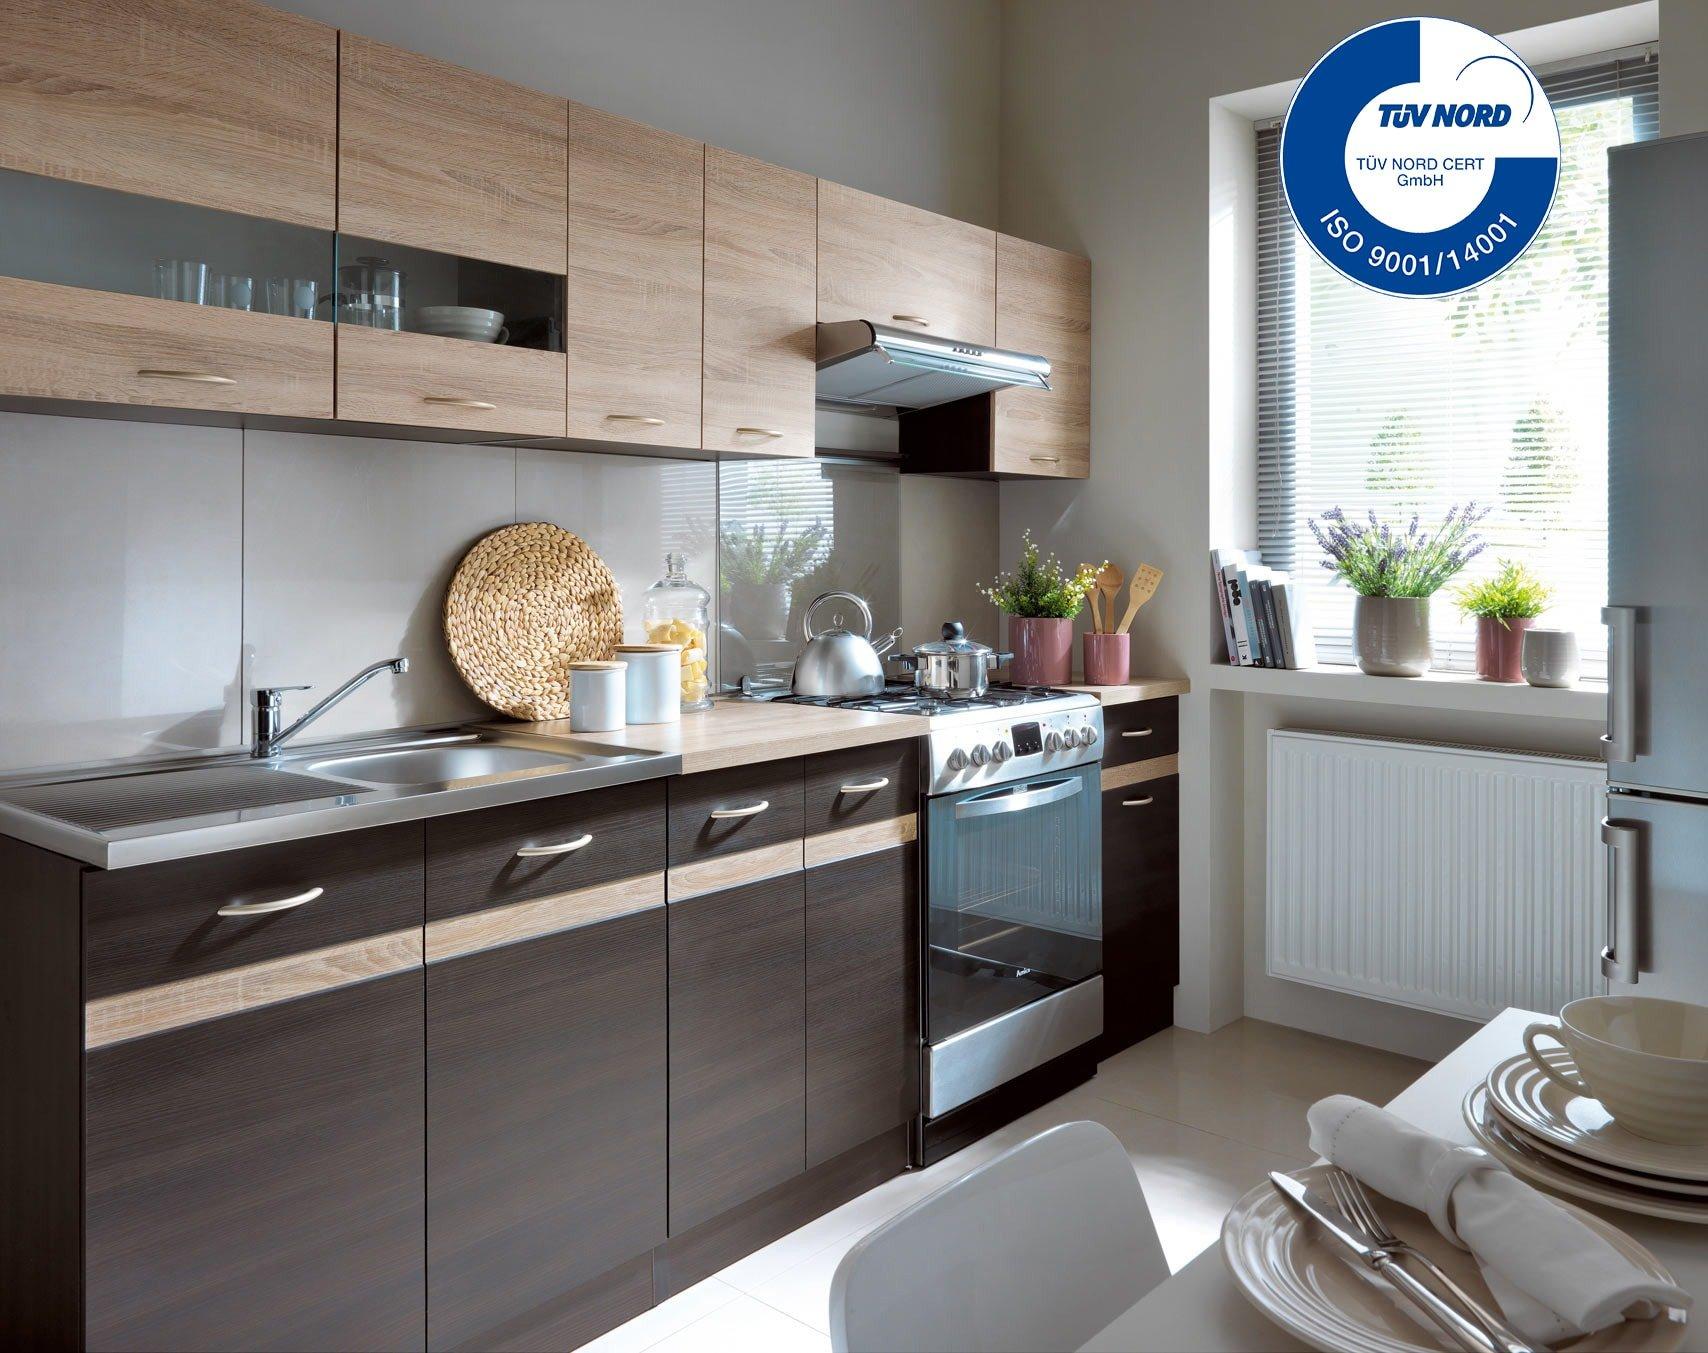 Einbauküche mit geräten  Küchenzeile mit E Geräten: Amazon.de